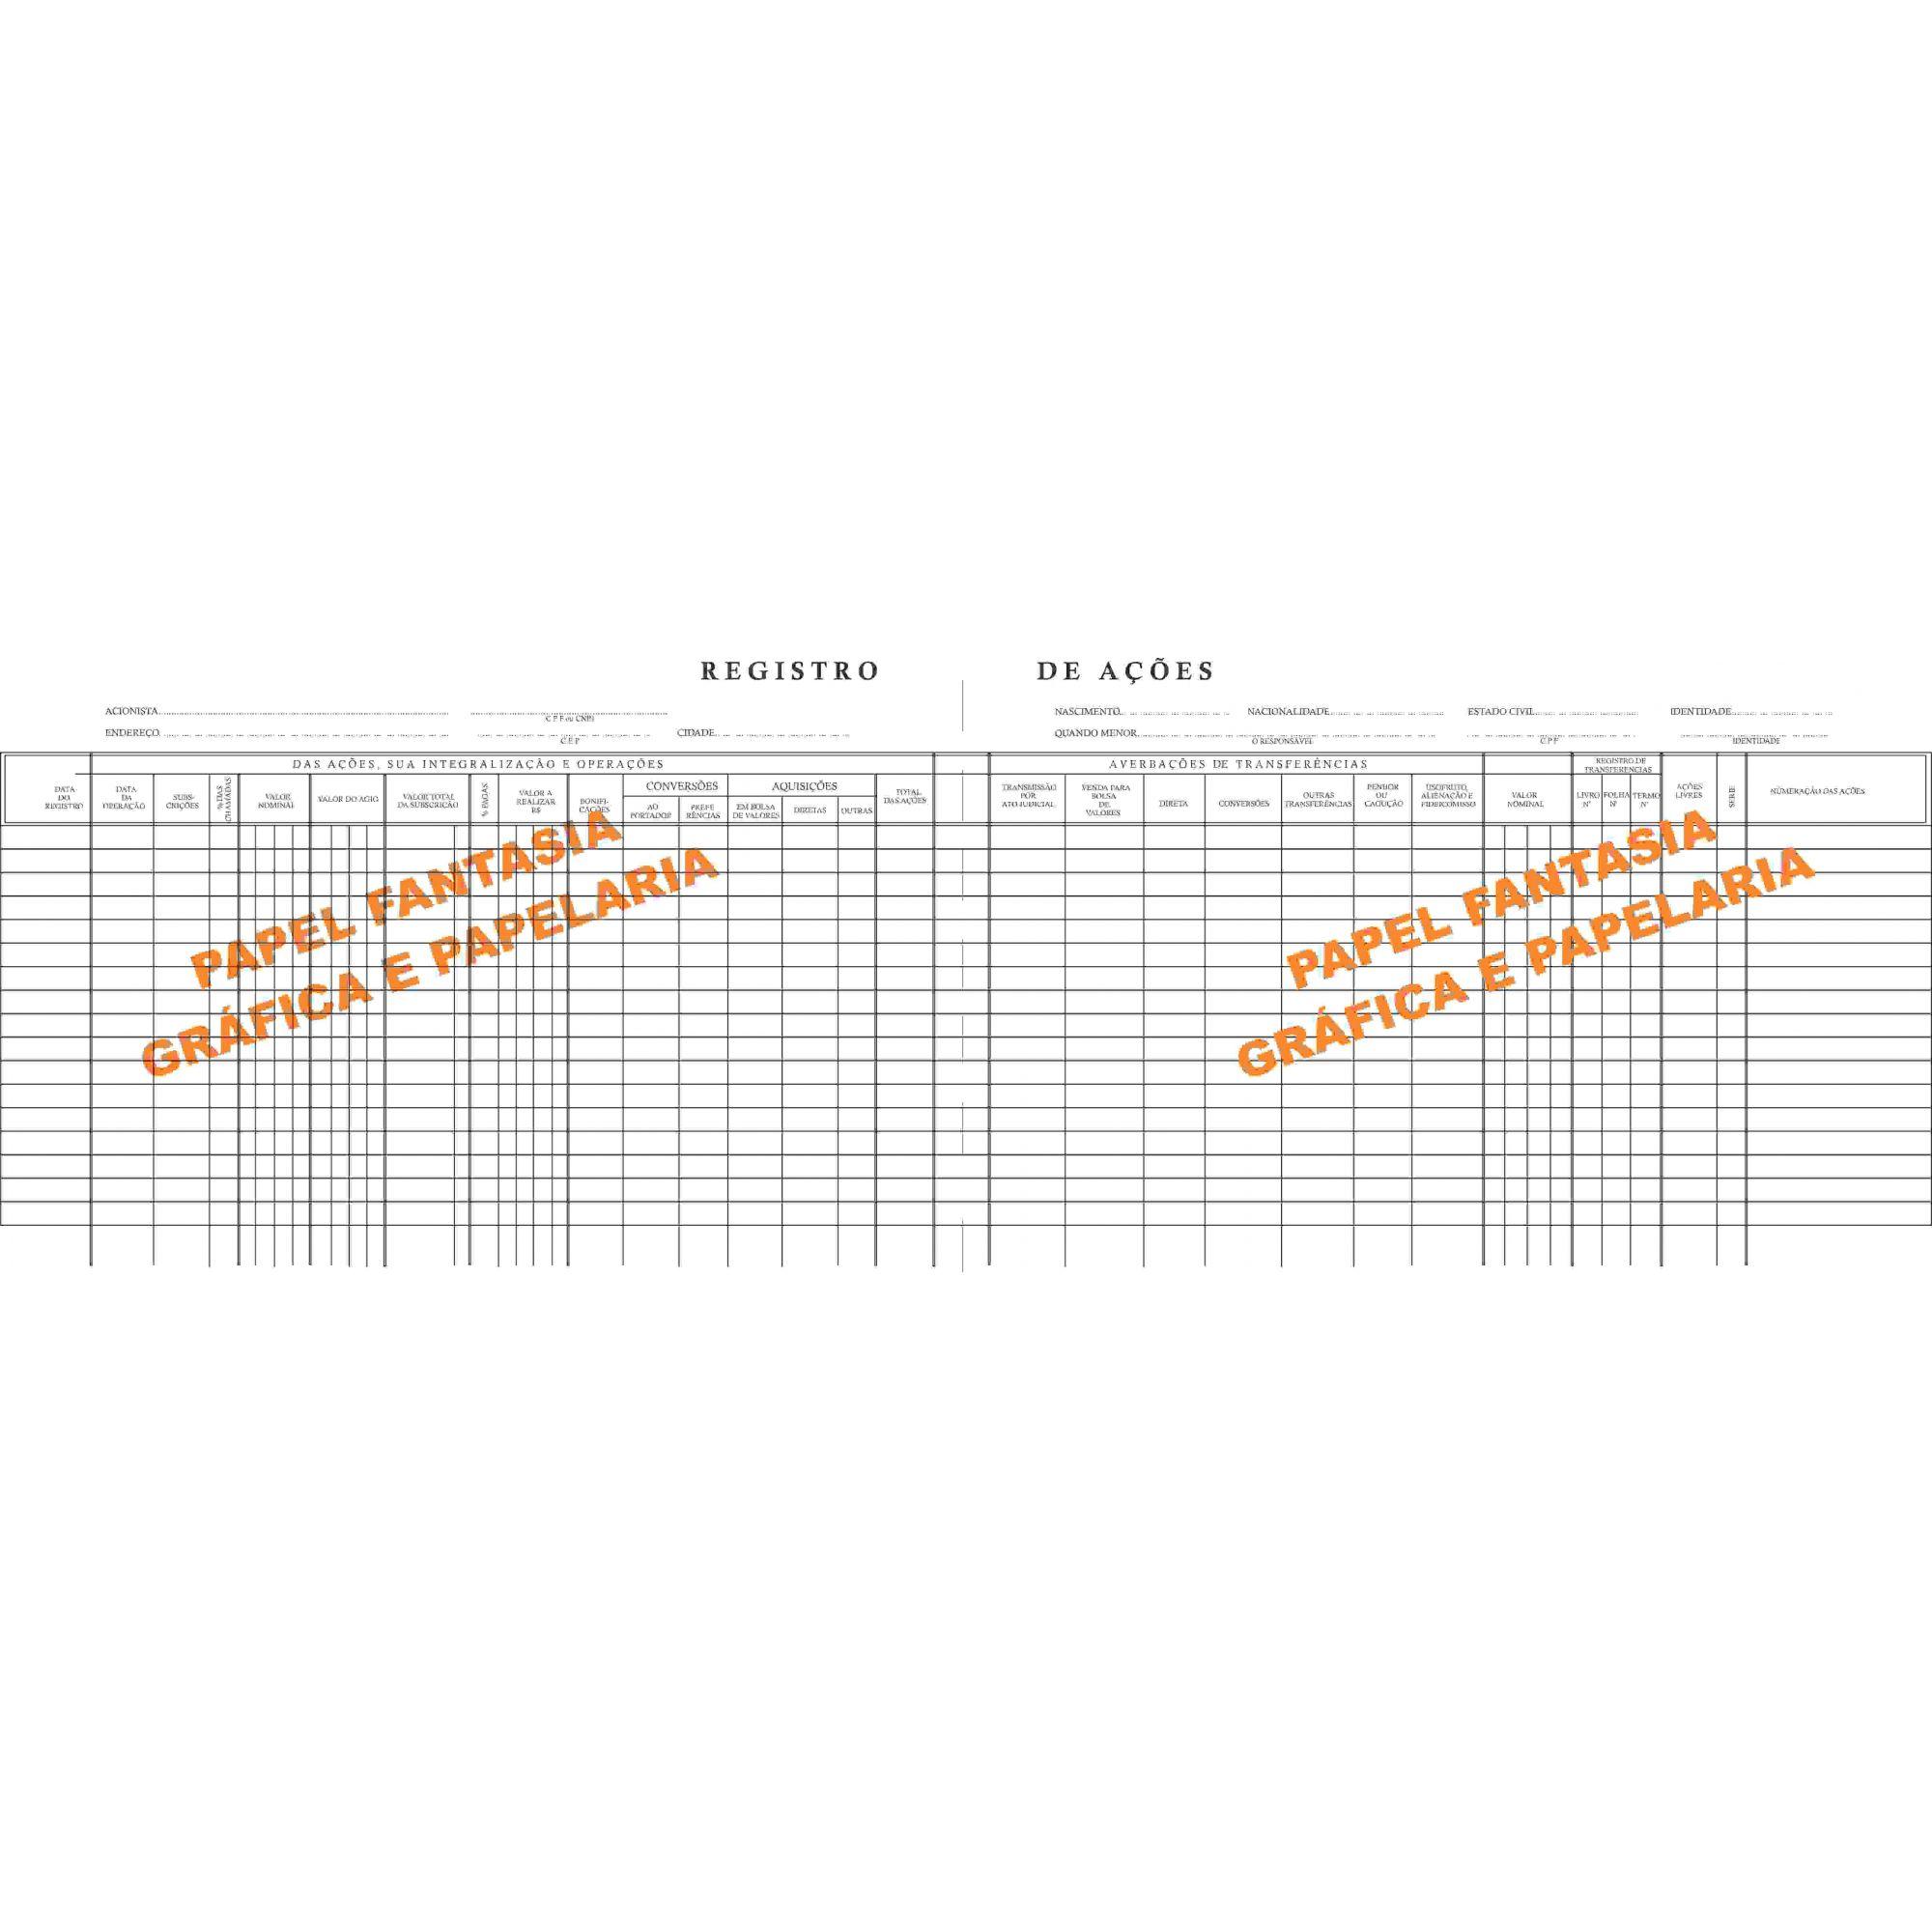 Livro Registro de Ações Nominativas 50 Folhas (Papelfantasia)